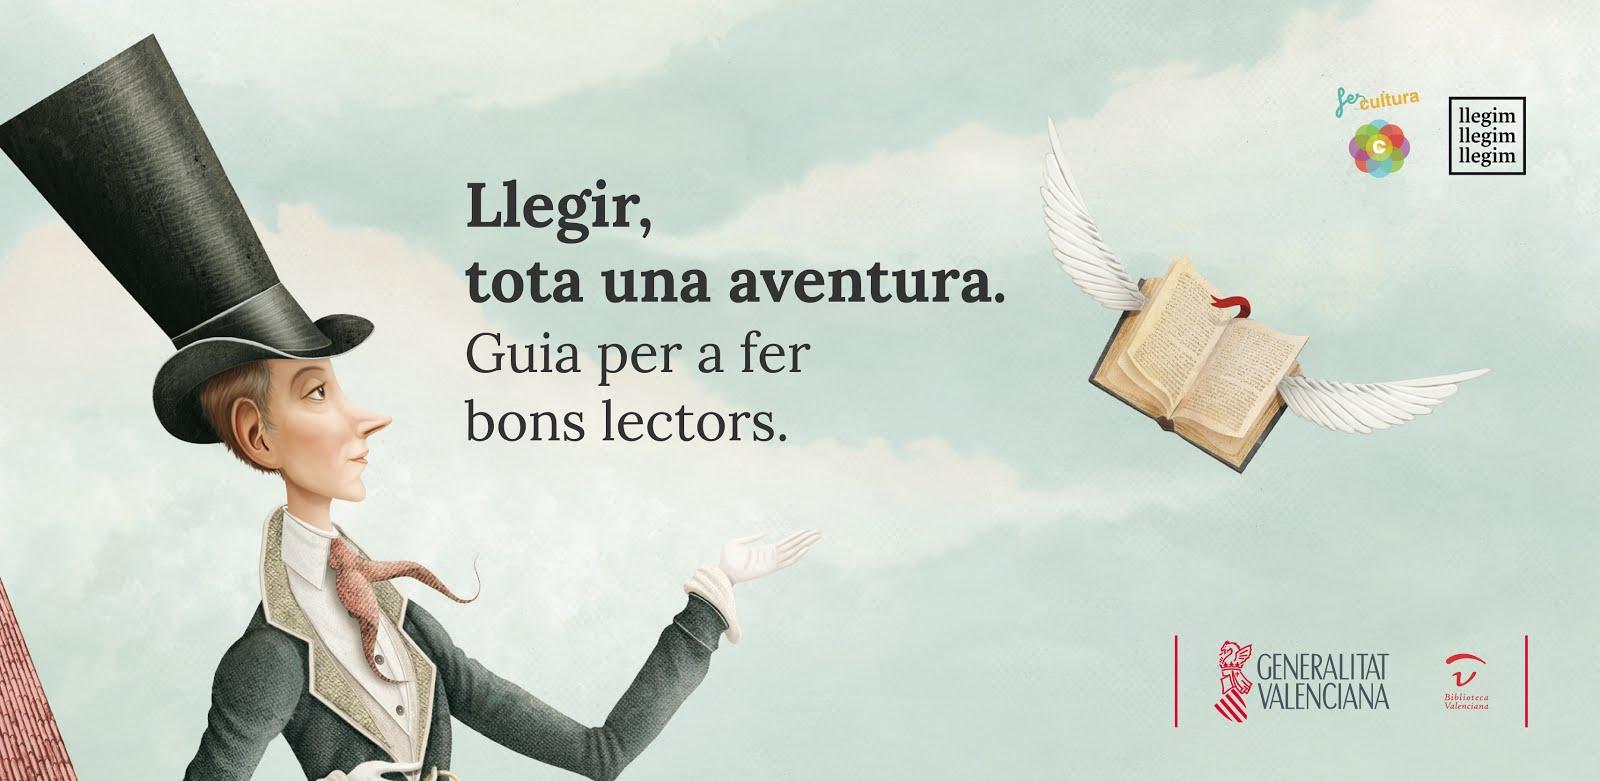 Guia per a fer bons lectors. Generalitat valenciana.